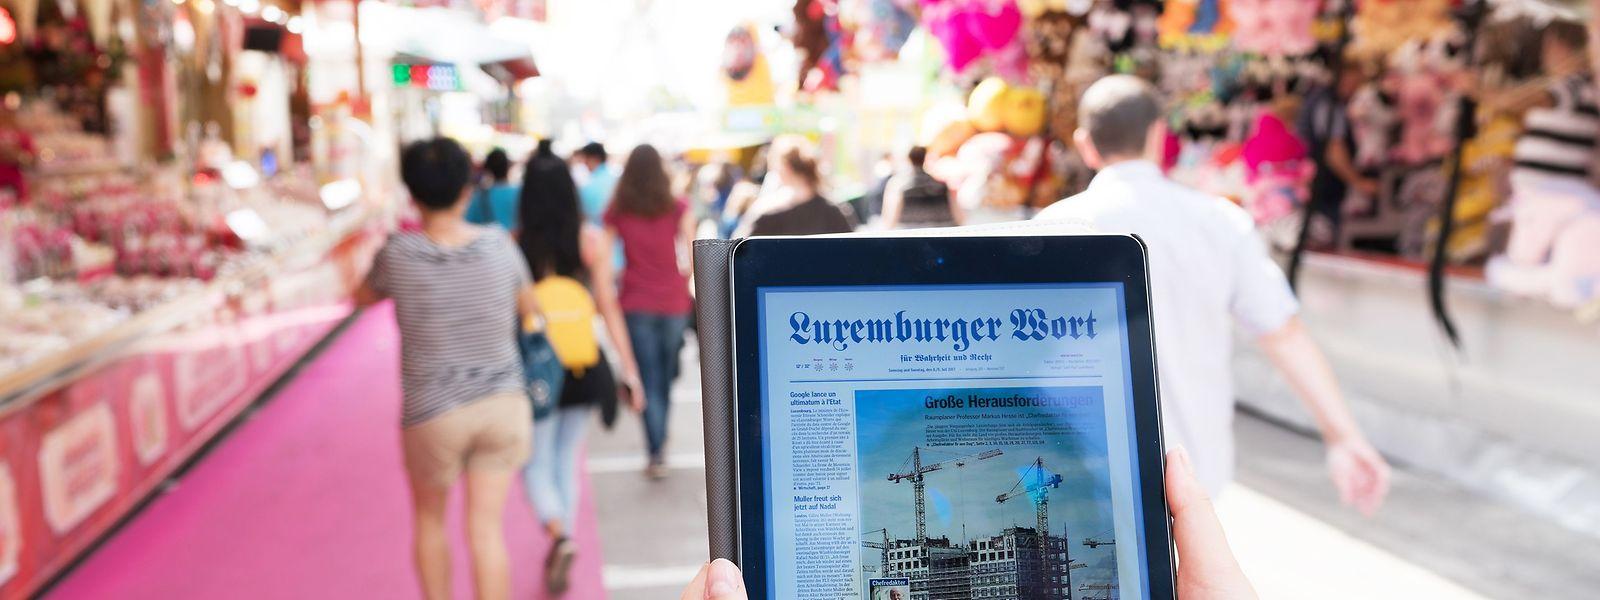 """Das """"Luxemburger Wort"""" erreicht 258.500 Leser und damit über zwei Drittel aller Luxemburger und mehr als die Hälfte aller Einwohner des Landes."""